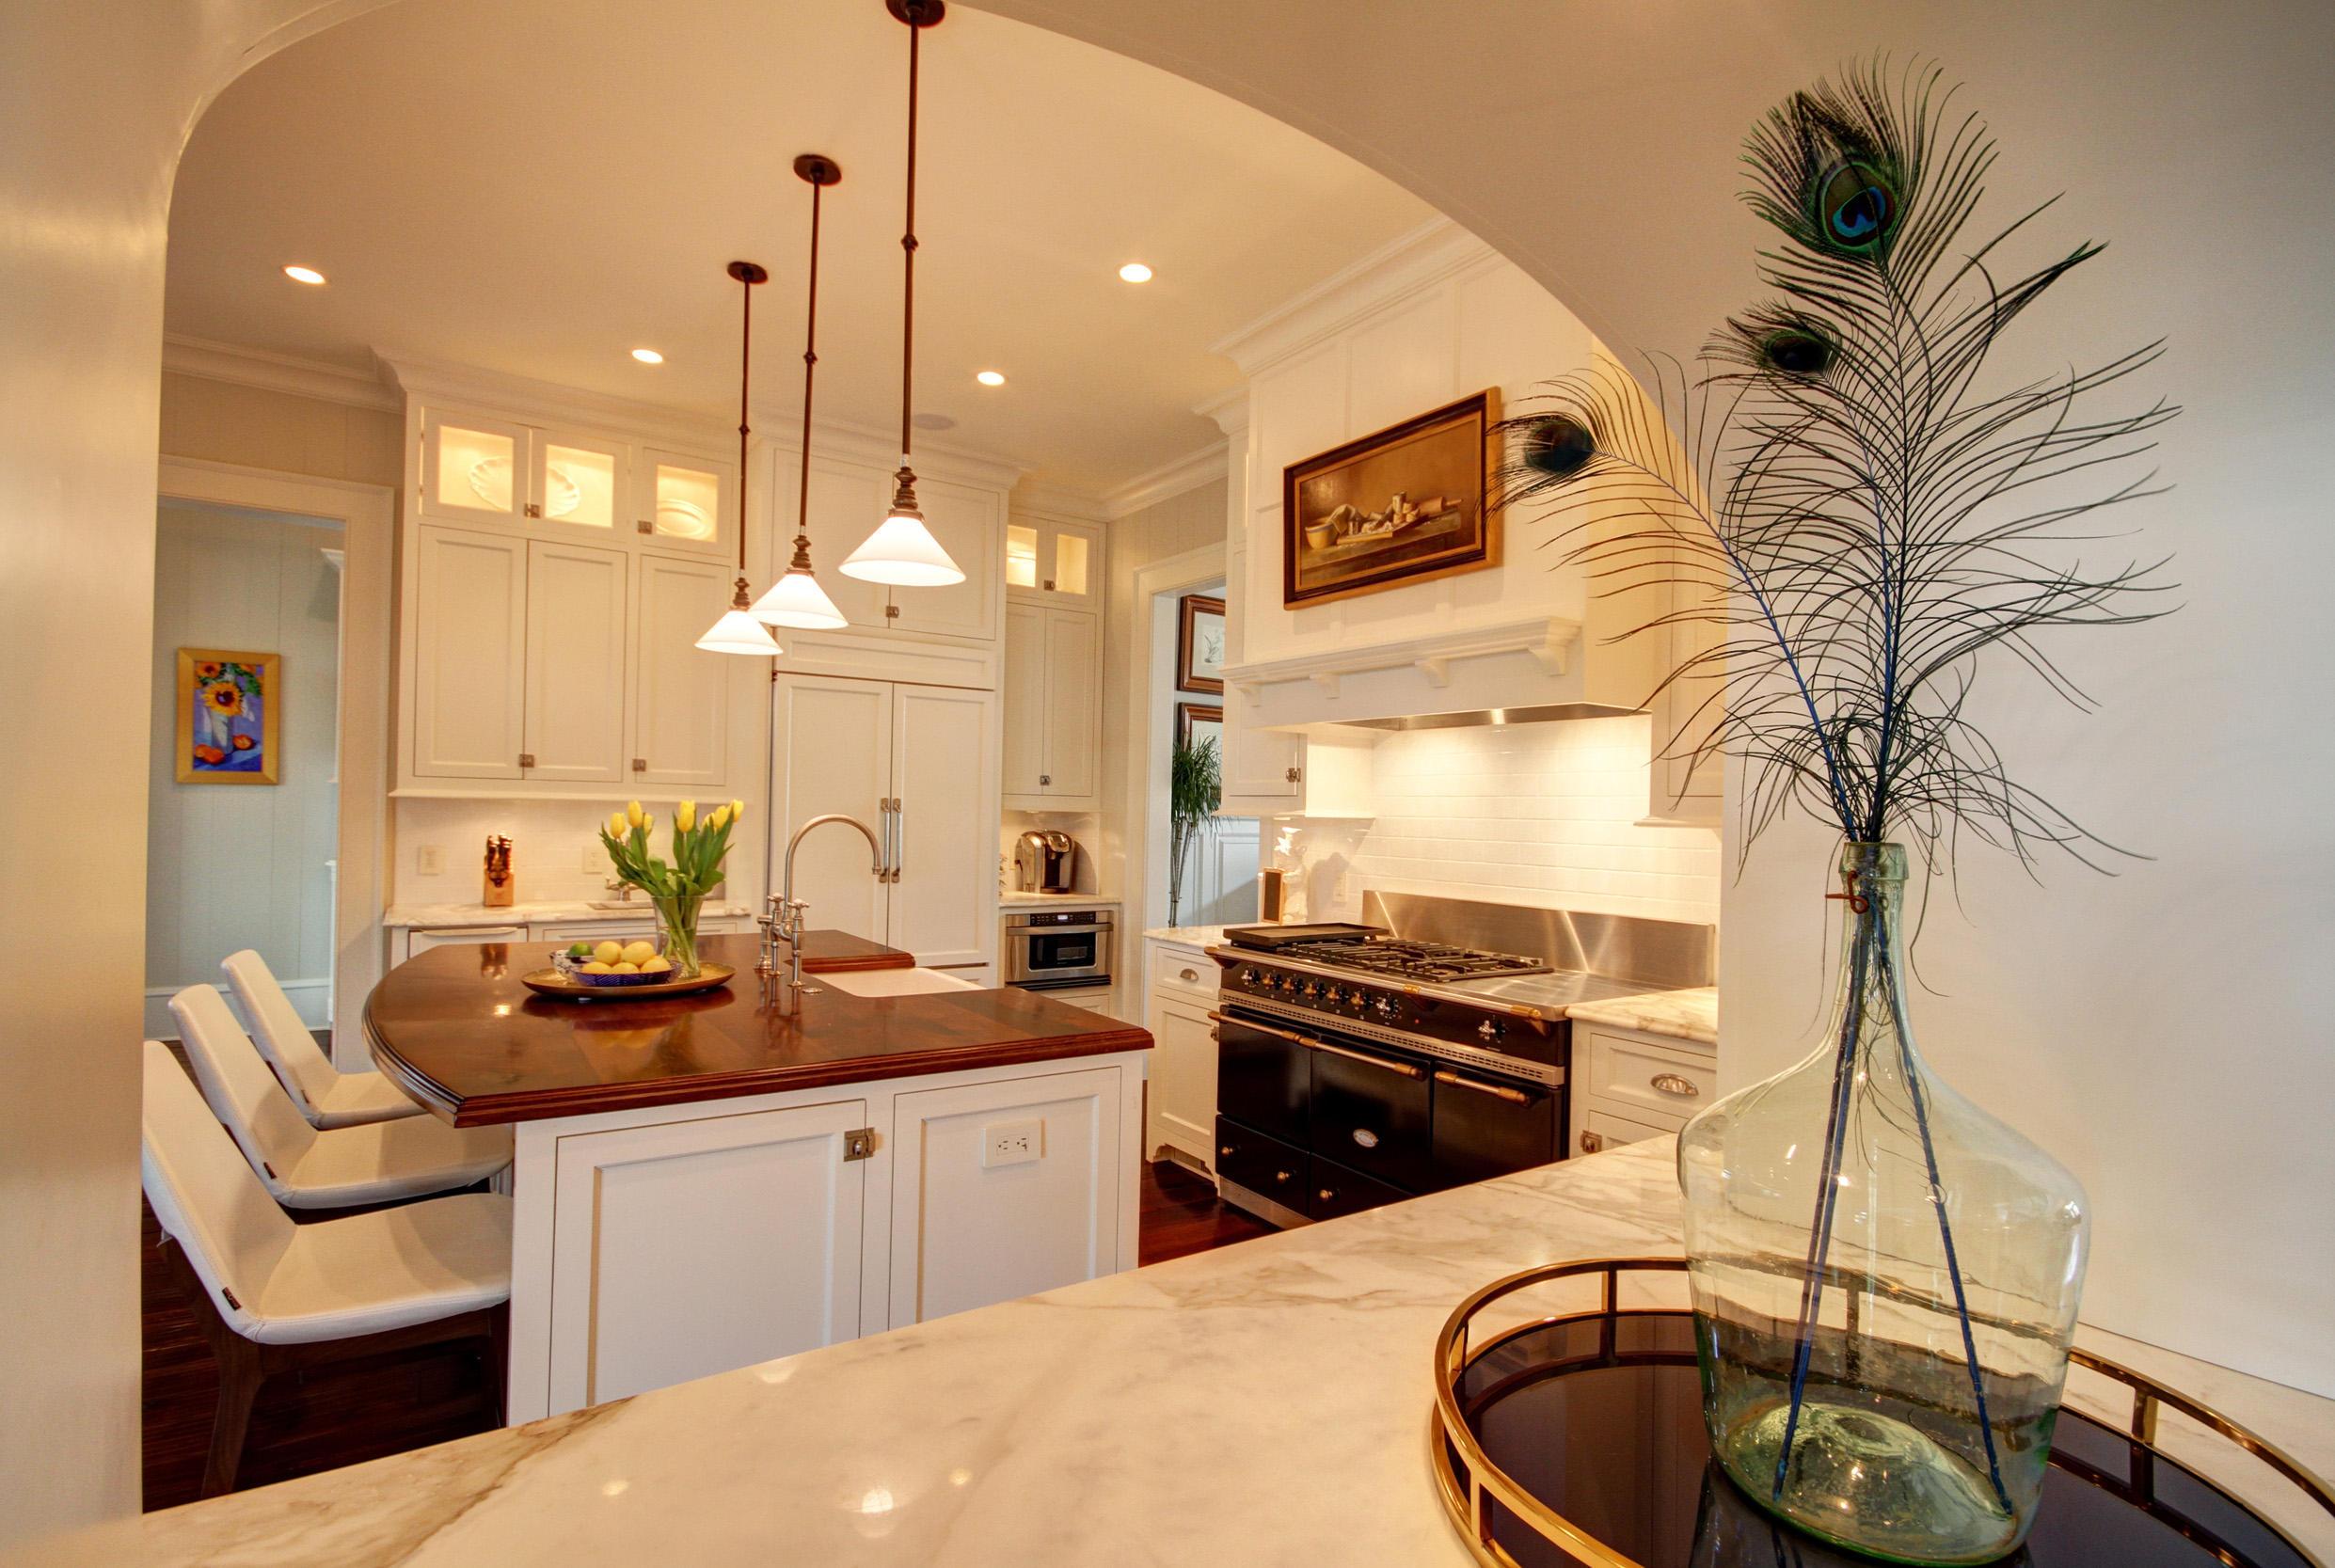 Belle Hall Homes For Sale - 821 Bridgetown Pass, Mount Pleasant, SC - 31